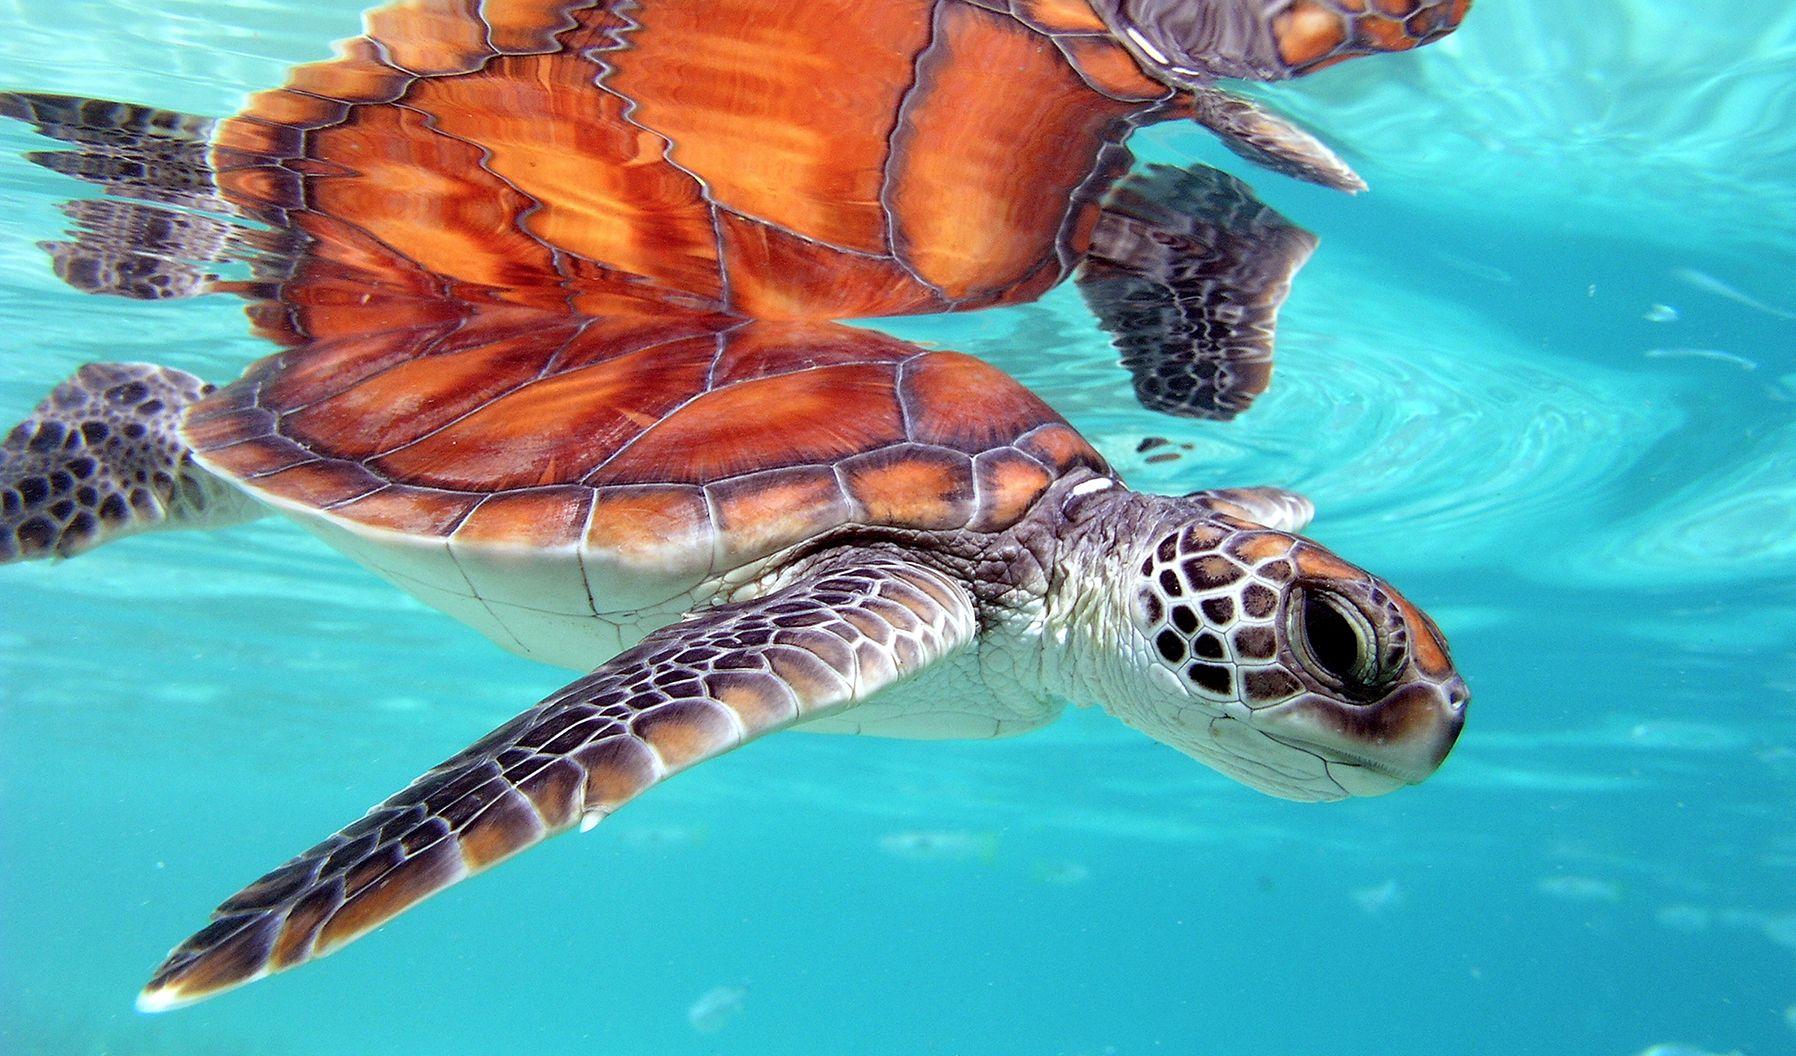 A sea turtle in the ocean near The Brando resort